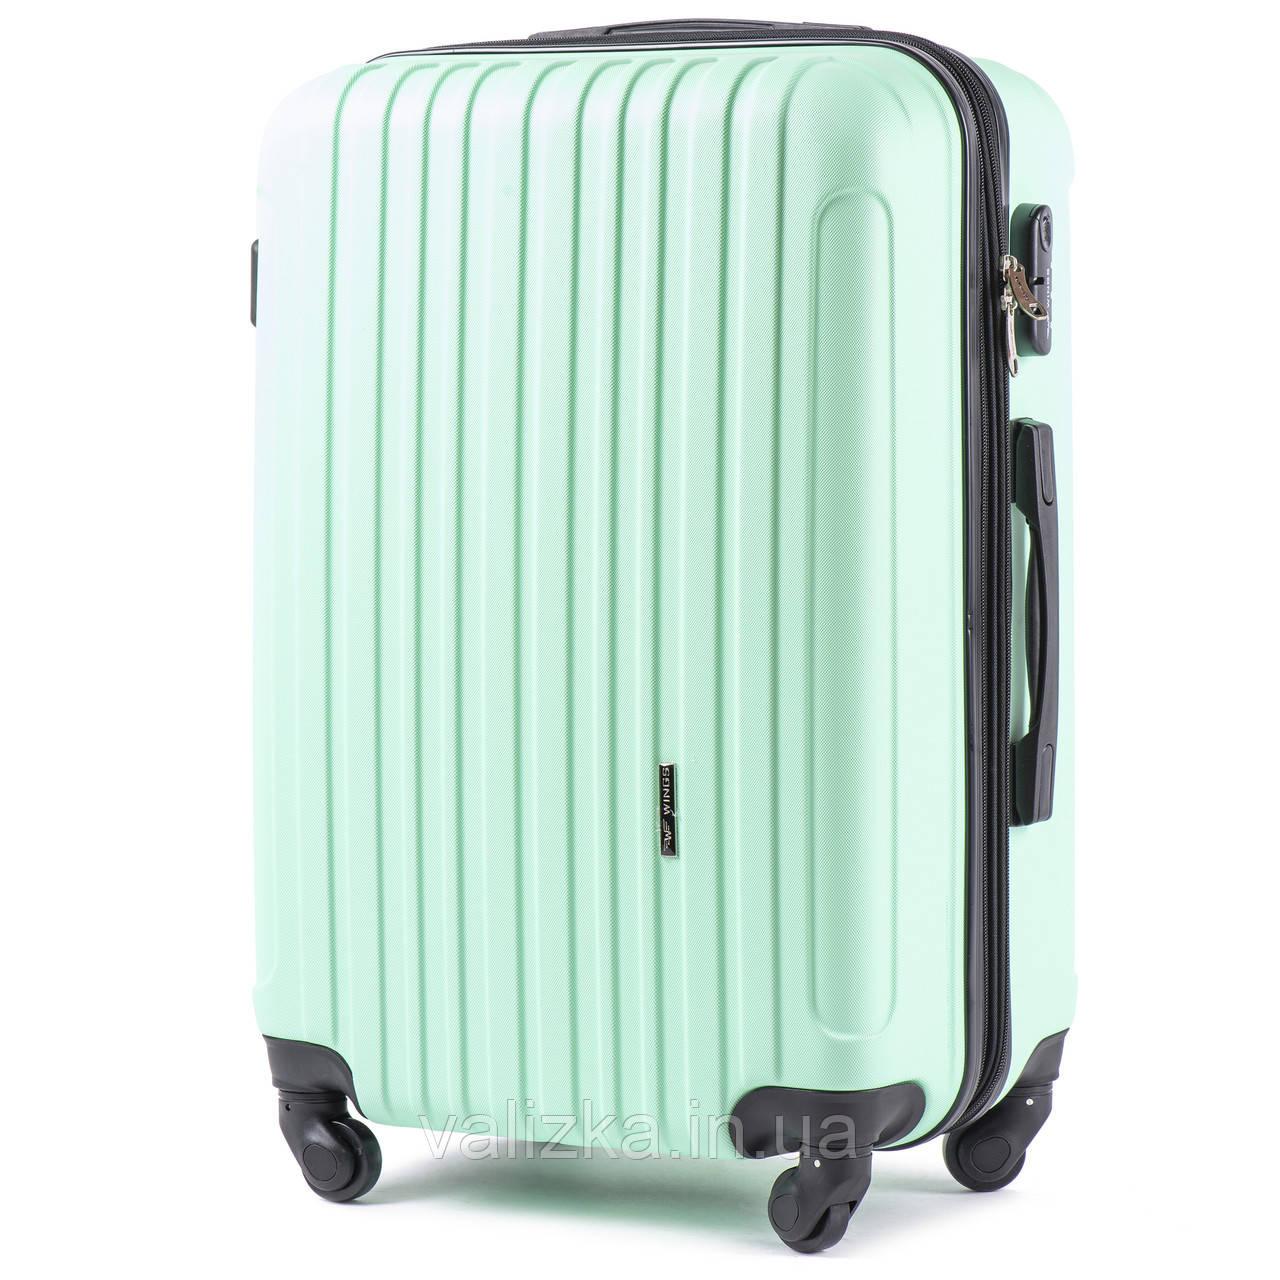 Великий пластиковий чемодан з полікарбонату з розширювачем Wings 2011 світло-зелений на 4-х колесах